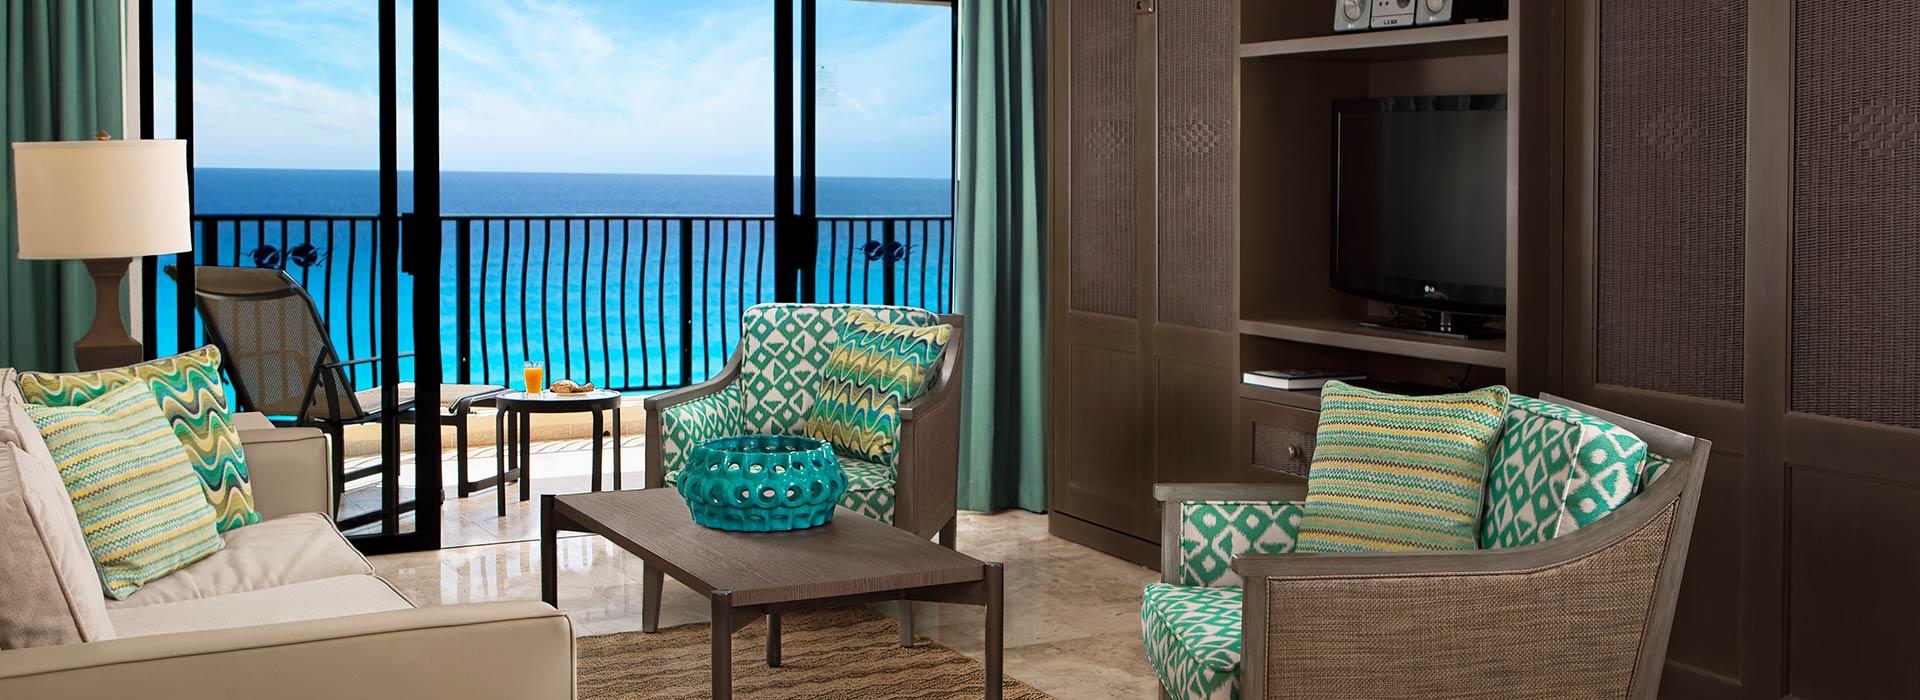 Balcón privado de nuestras villas frente al mar en nuestro resort Todo Incluido en Cancún